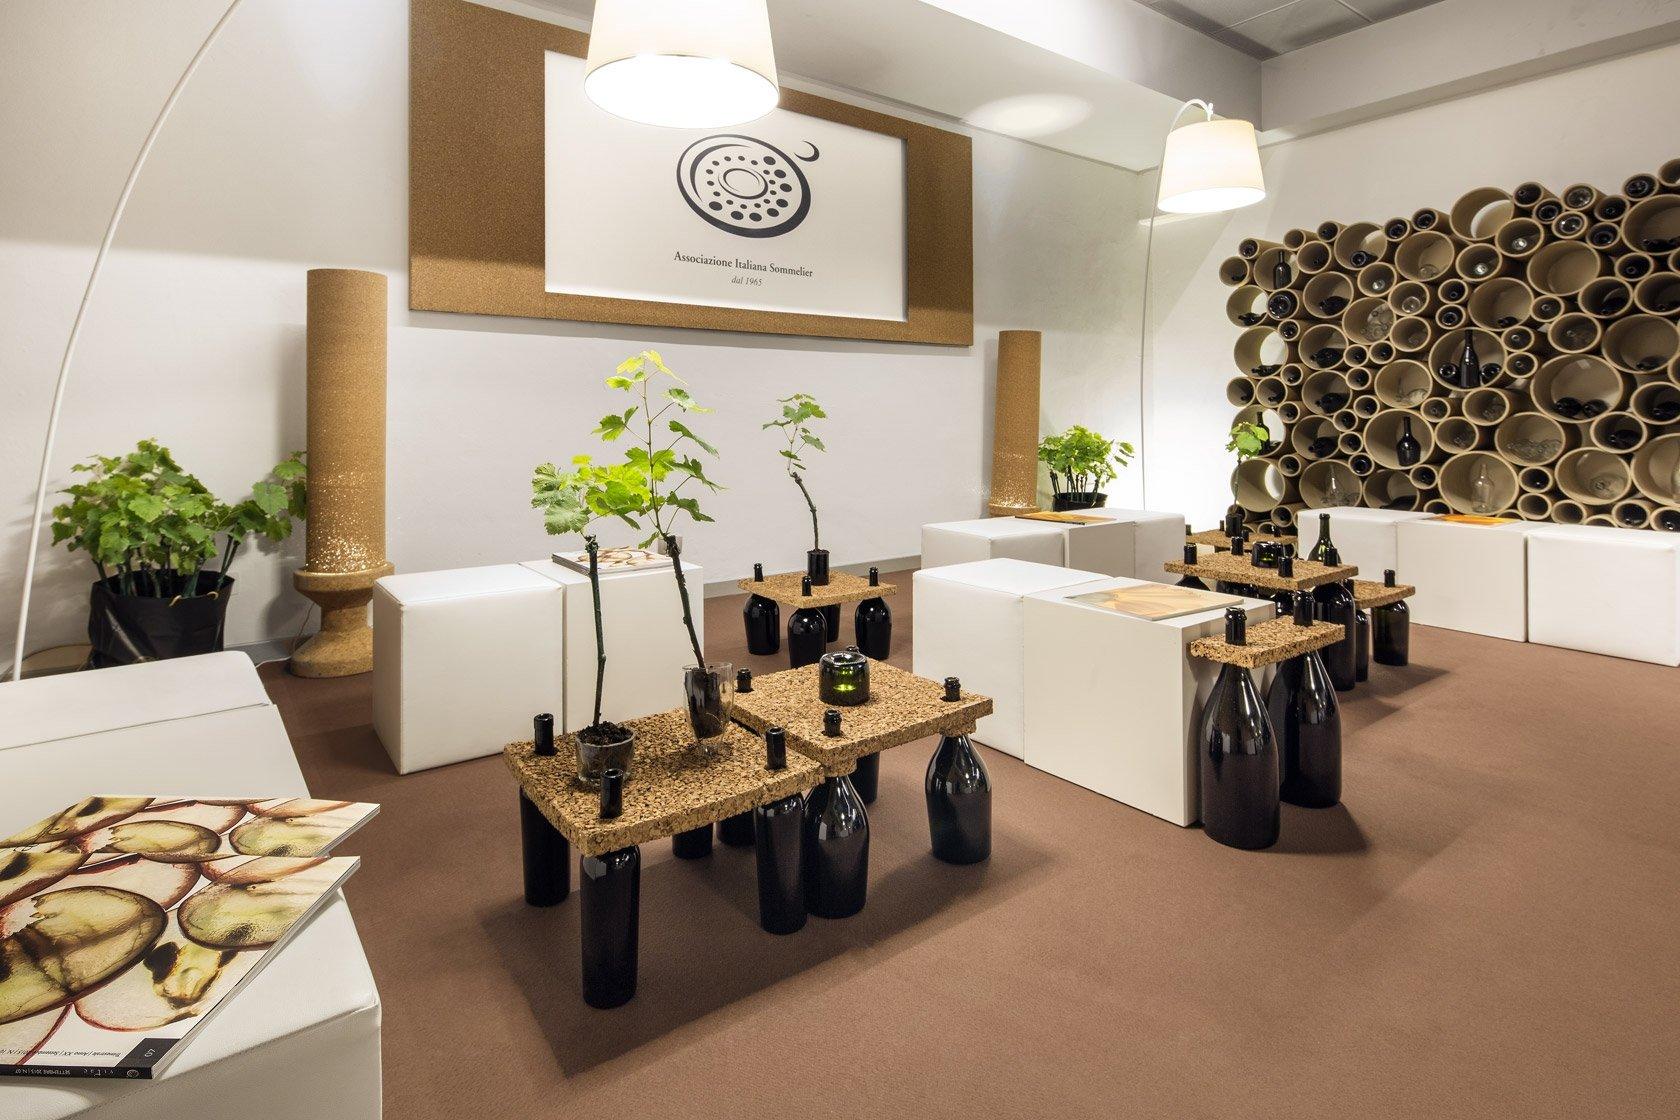 L'Associazione italiana sommelier si impegna a promuovere una cultura del vino e dell'olio in collaborazione con le Istituzioni